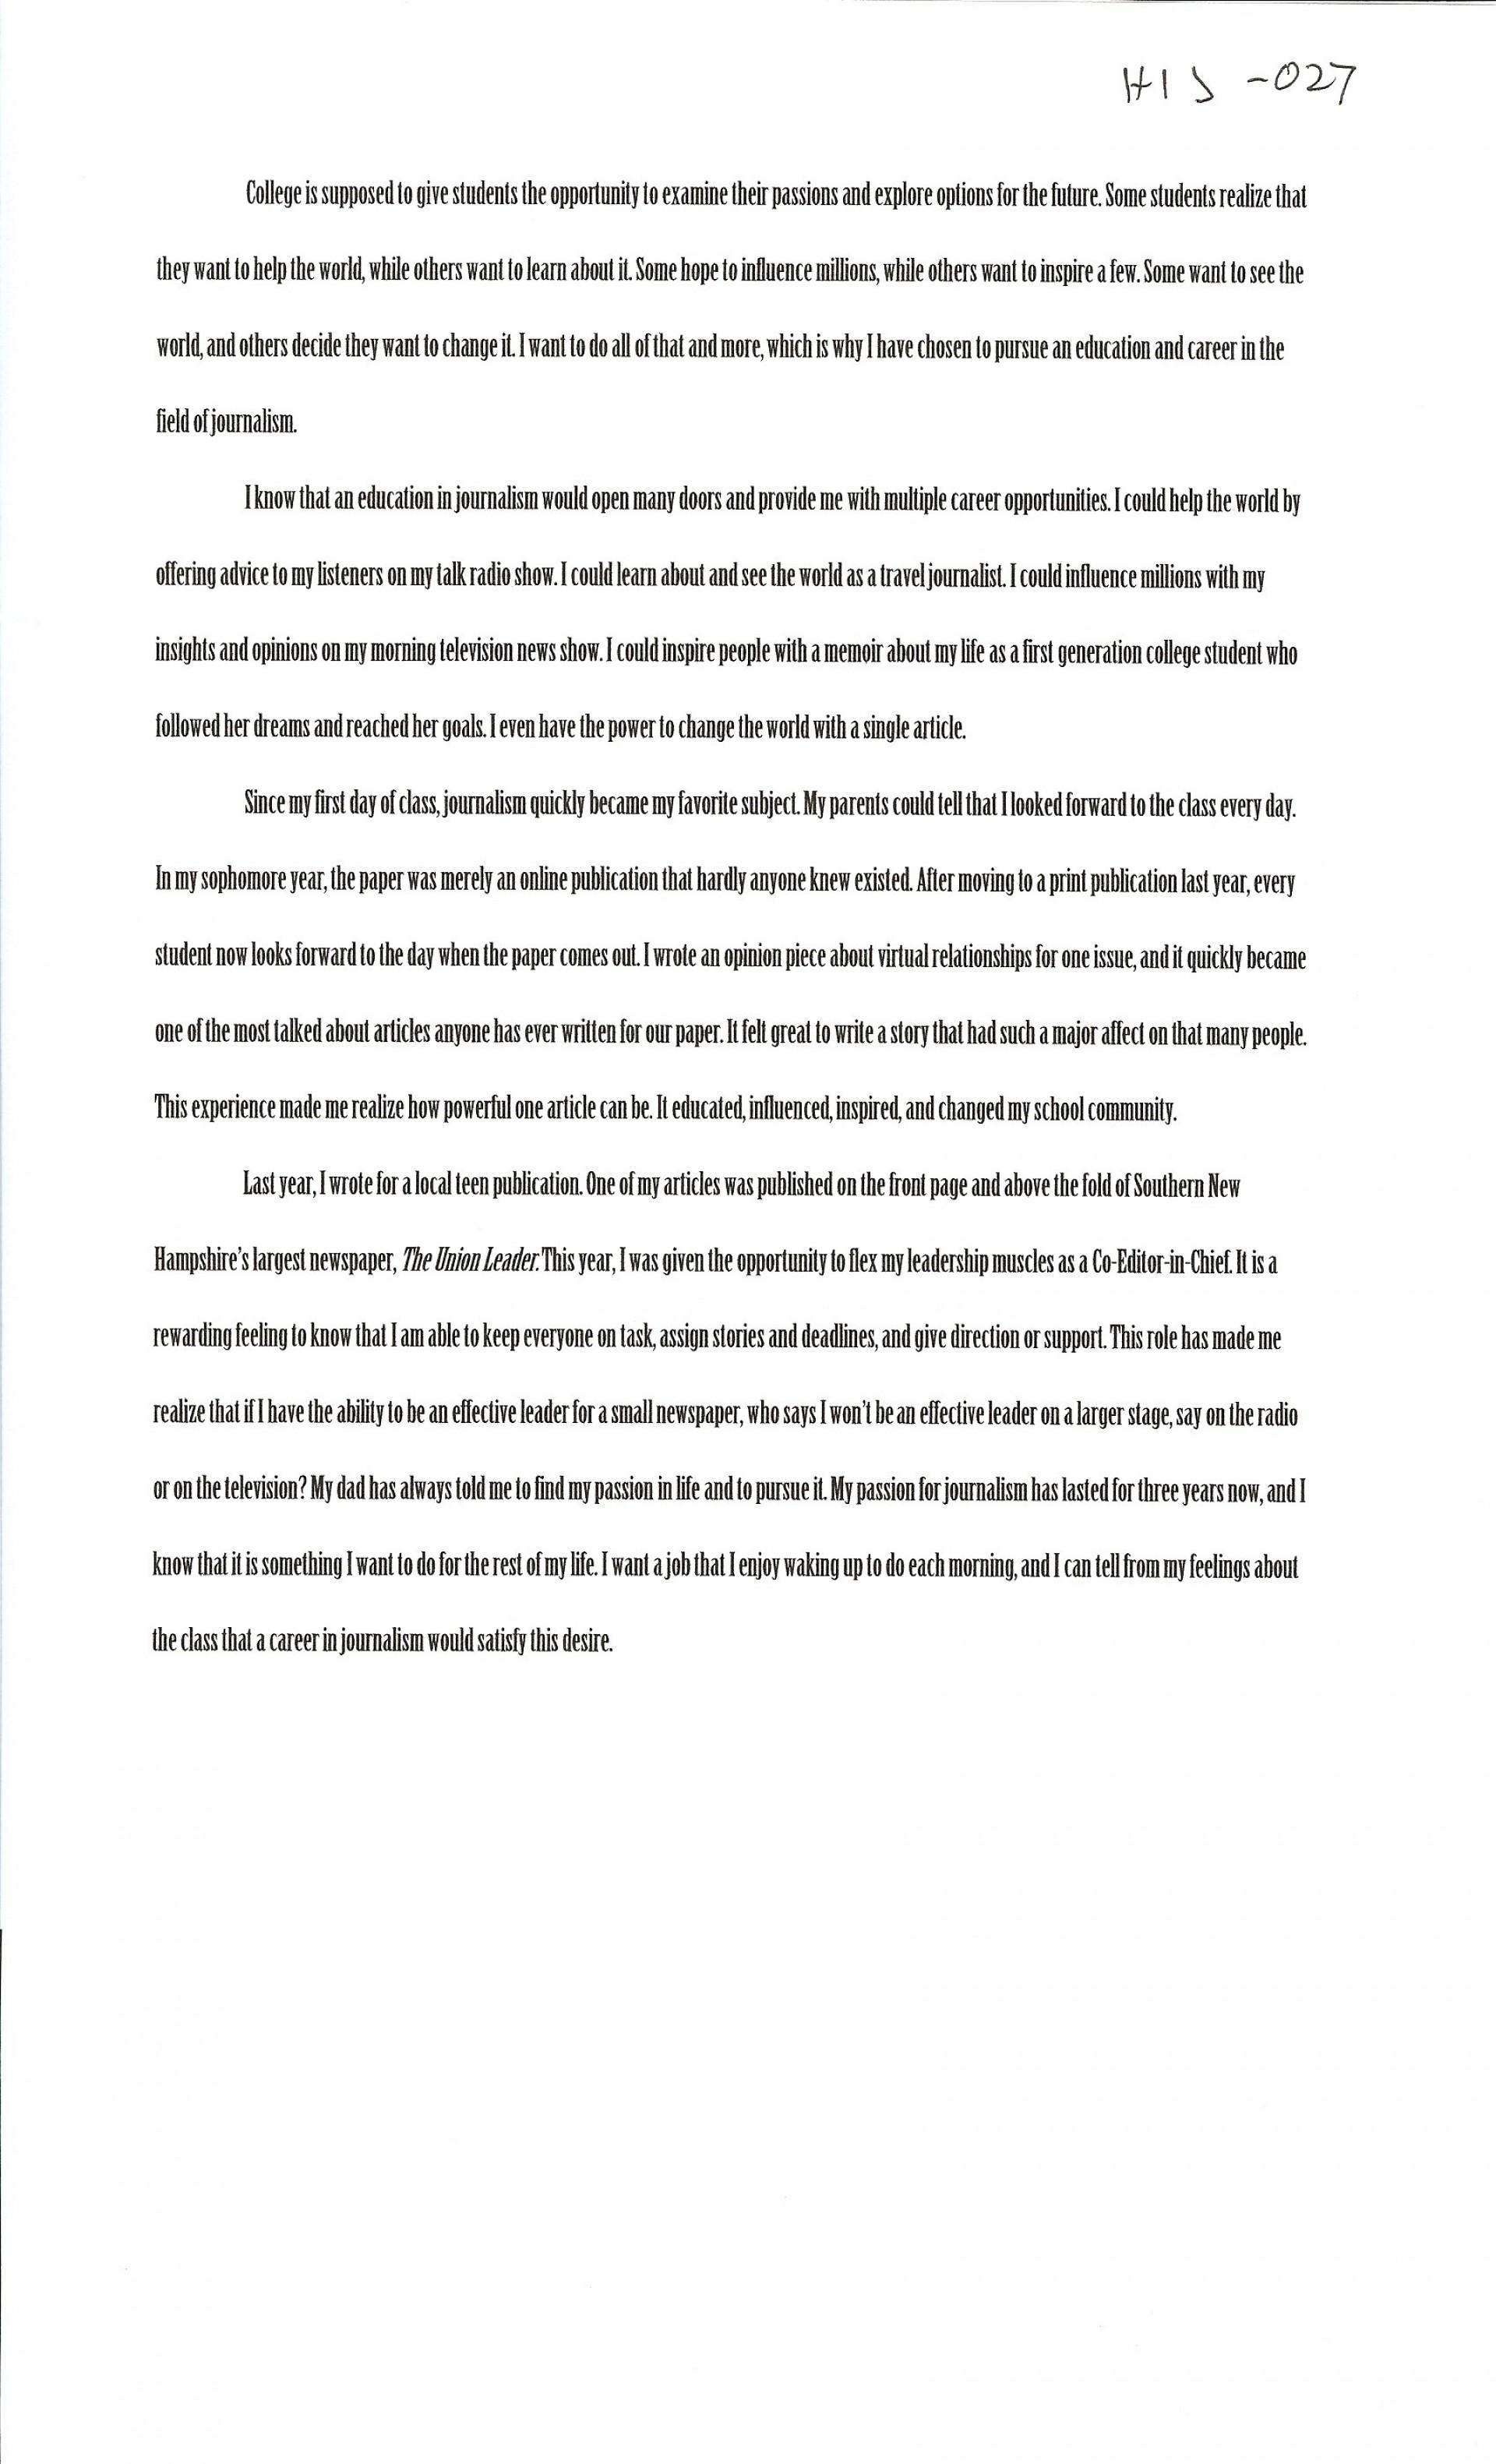 001 Essay Example Alexa Serrecchia Questbridge Stirring Essays College Match That Worked 1920